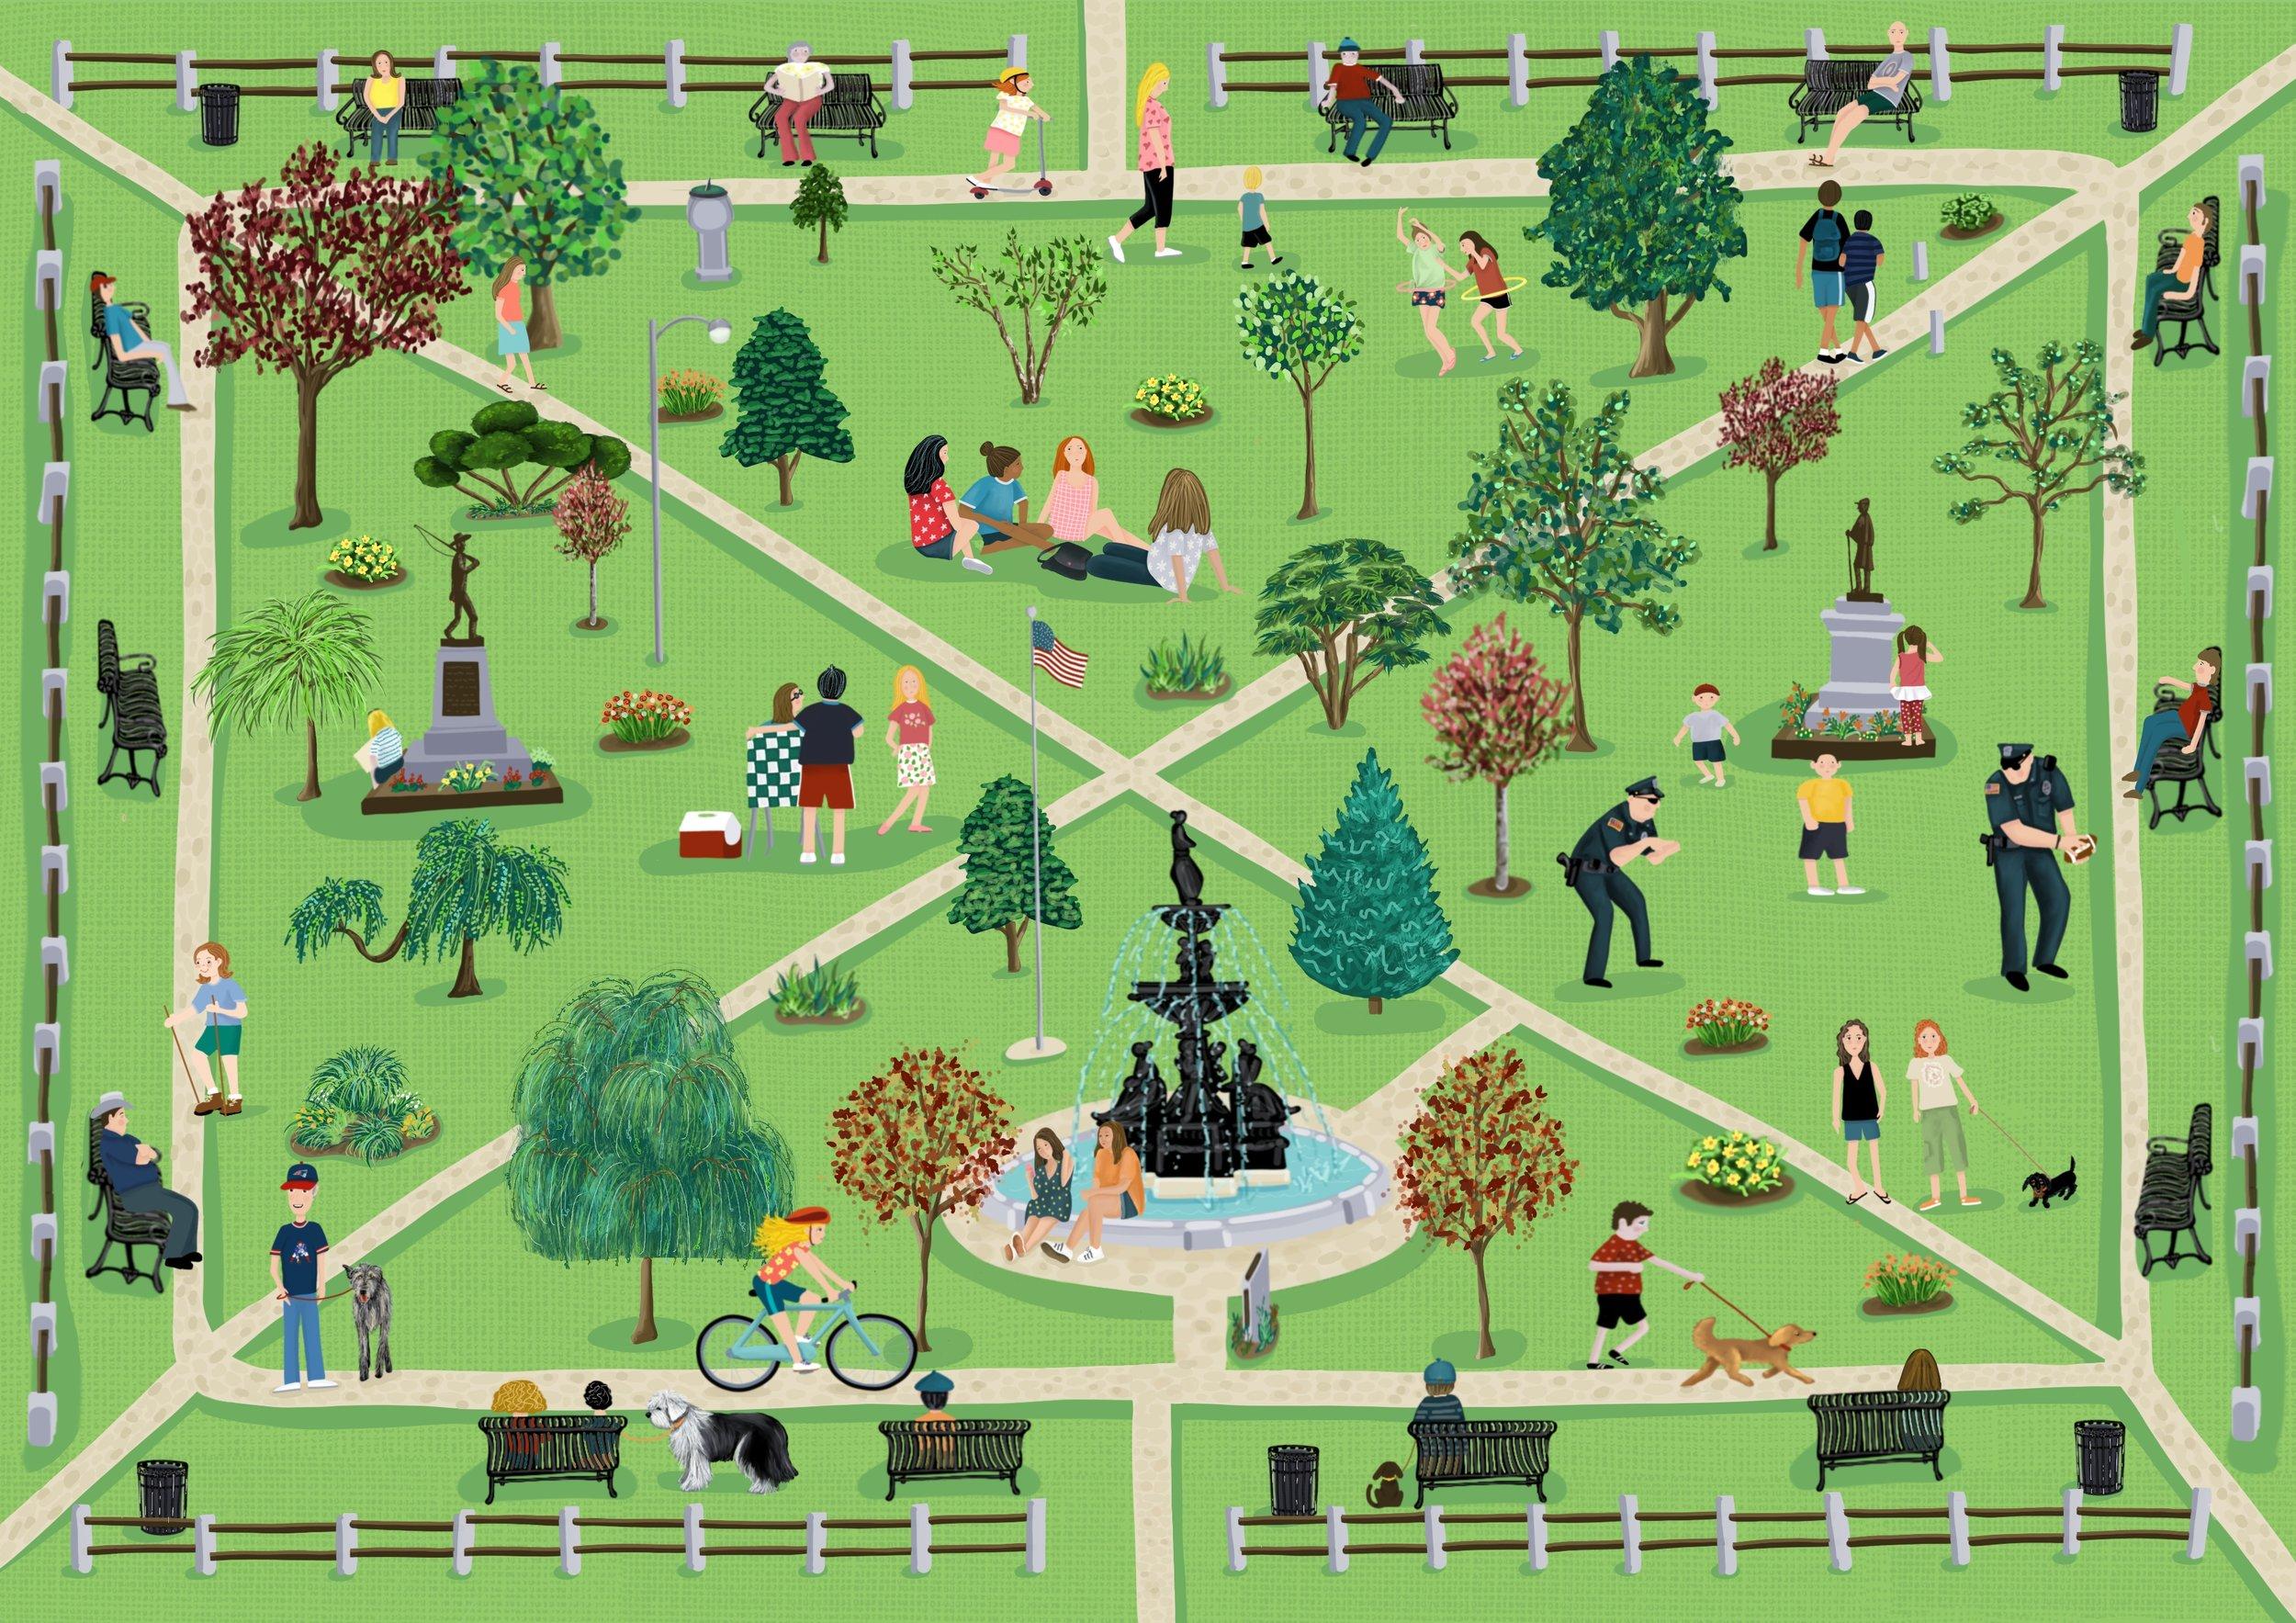 Clinton's Central Park